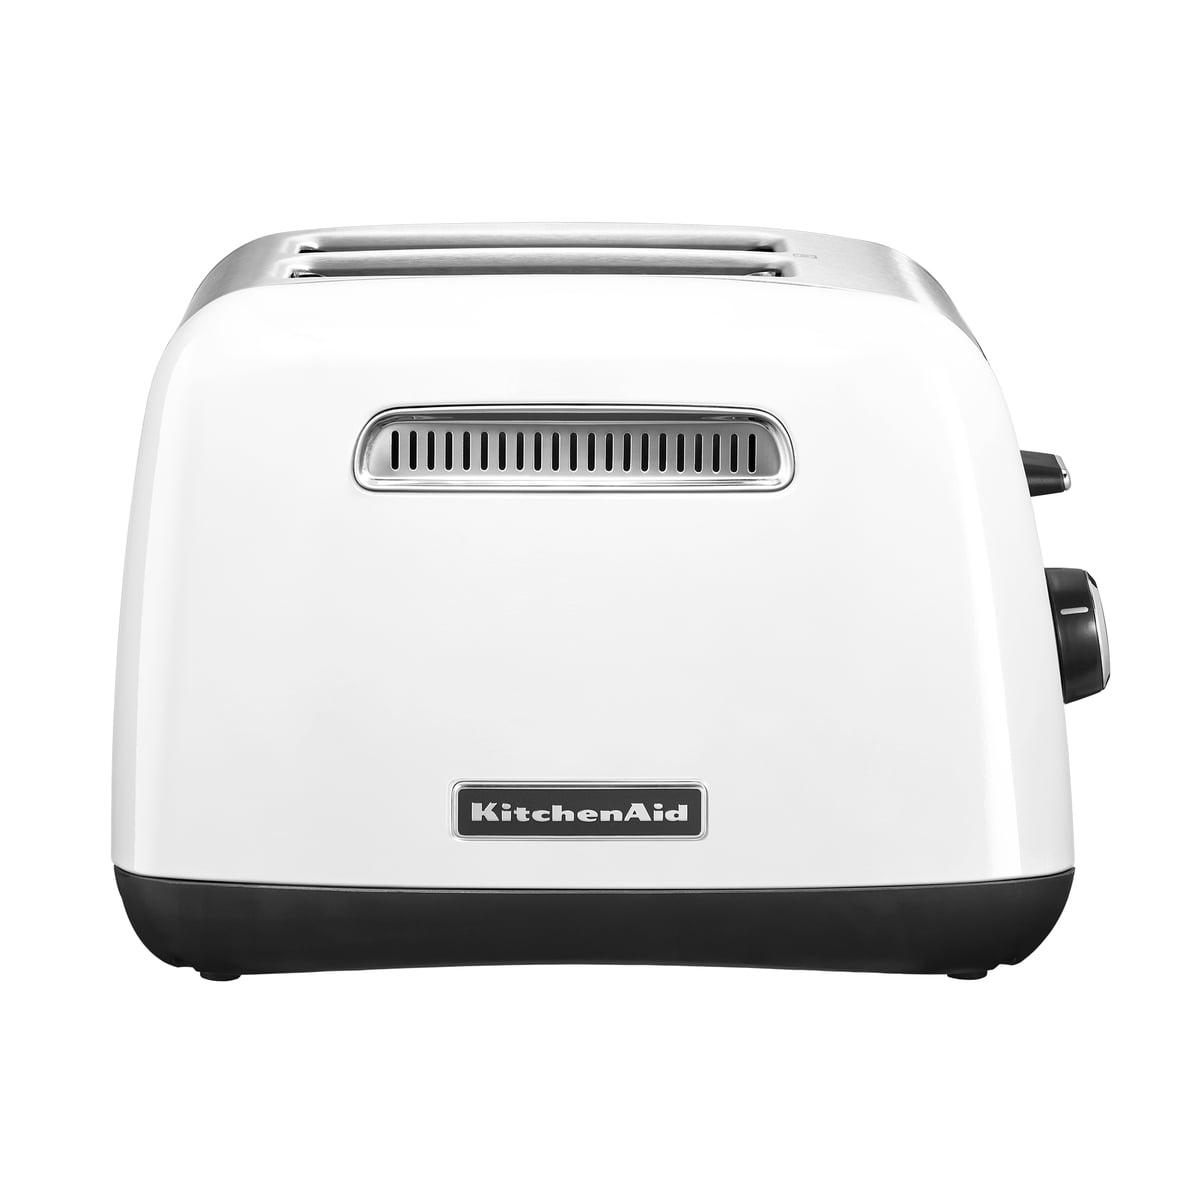 toaster classic 2 scheiben von kitchenaid connox. Black Bedroom Furniture Sets. Home Design Ideas